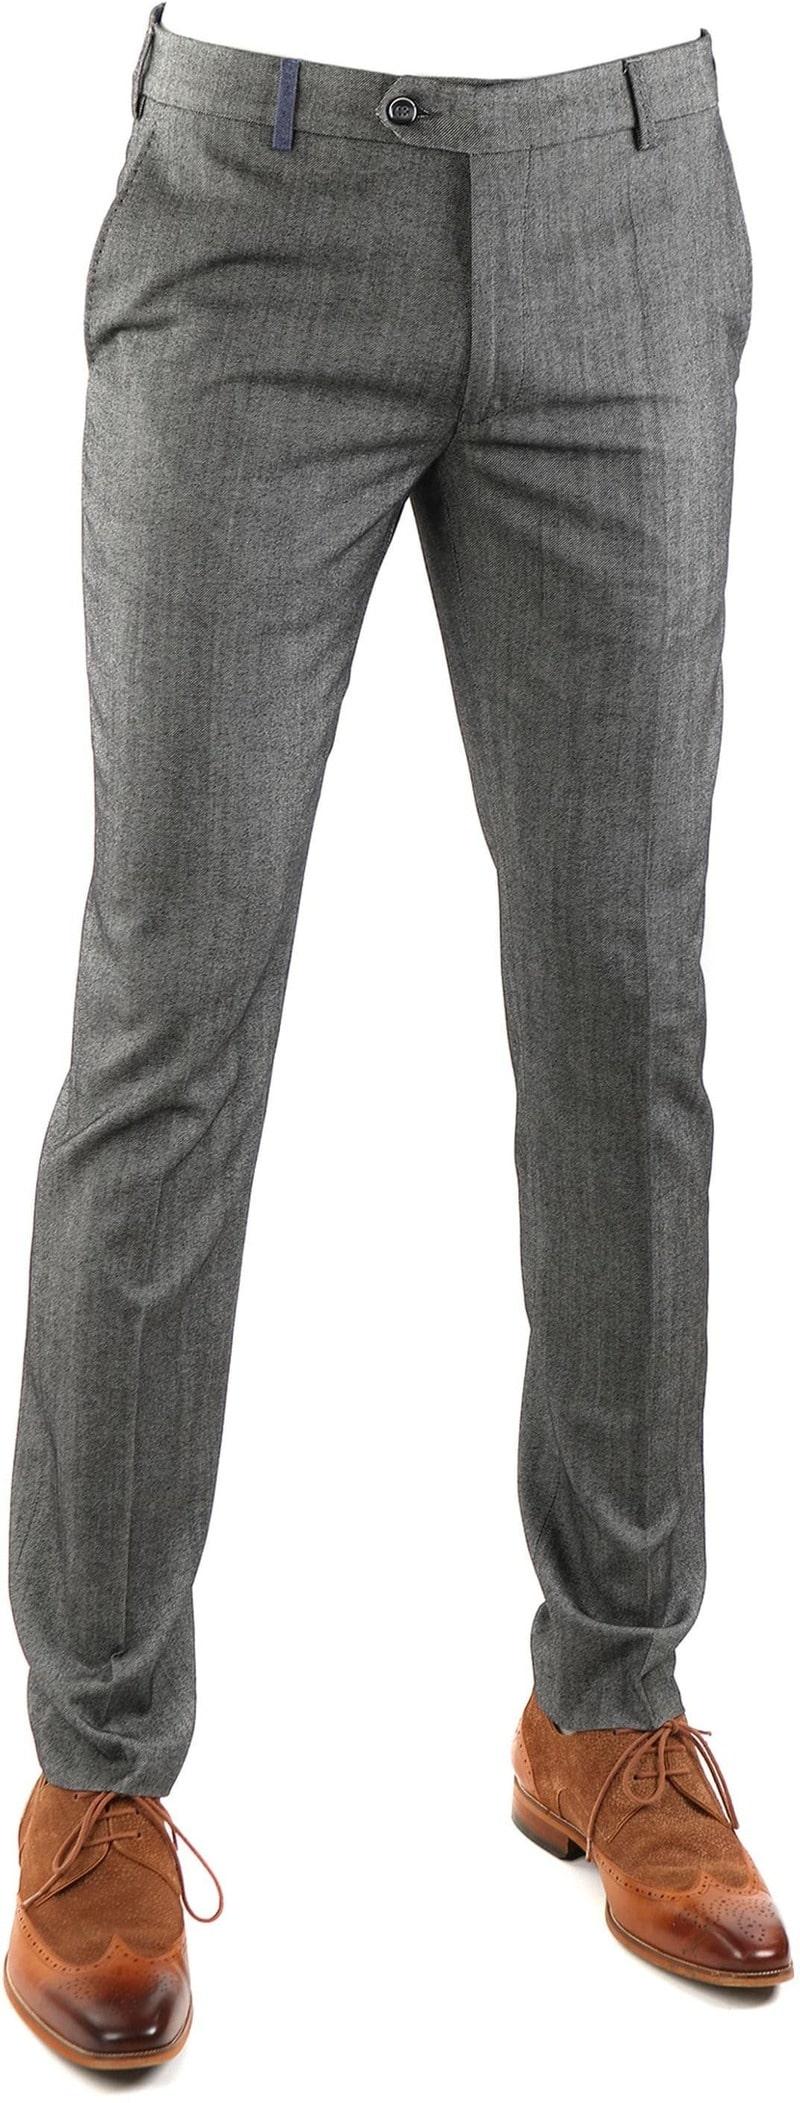 Suitable Pantalon Milano Grijs  online bestellen | Suitable